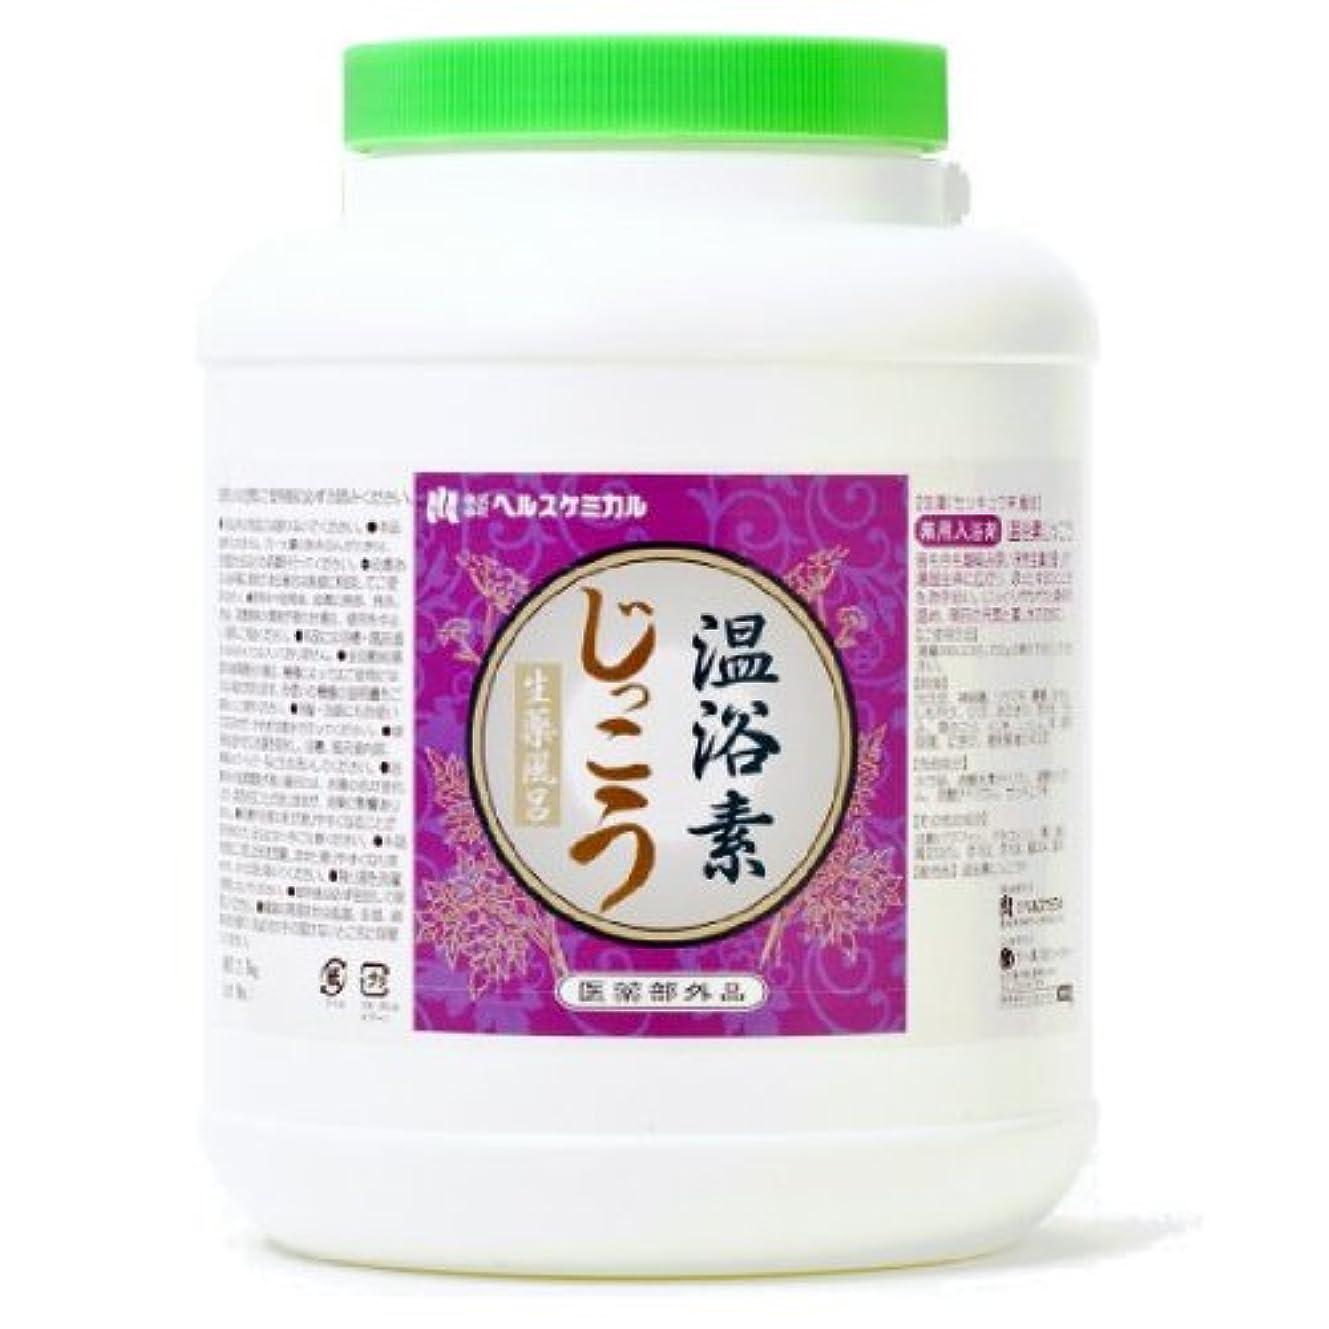 シャープ訴える立証する温浴素 じっこう 2.5kg 約125回分 粉末 生薬 薬湯 医薬部外品 ロングセラー 天然生薬 の 香り